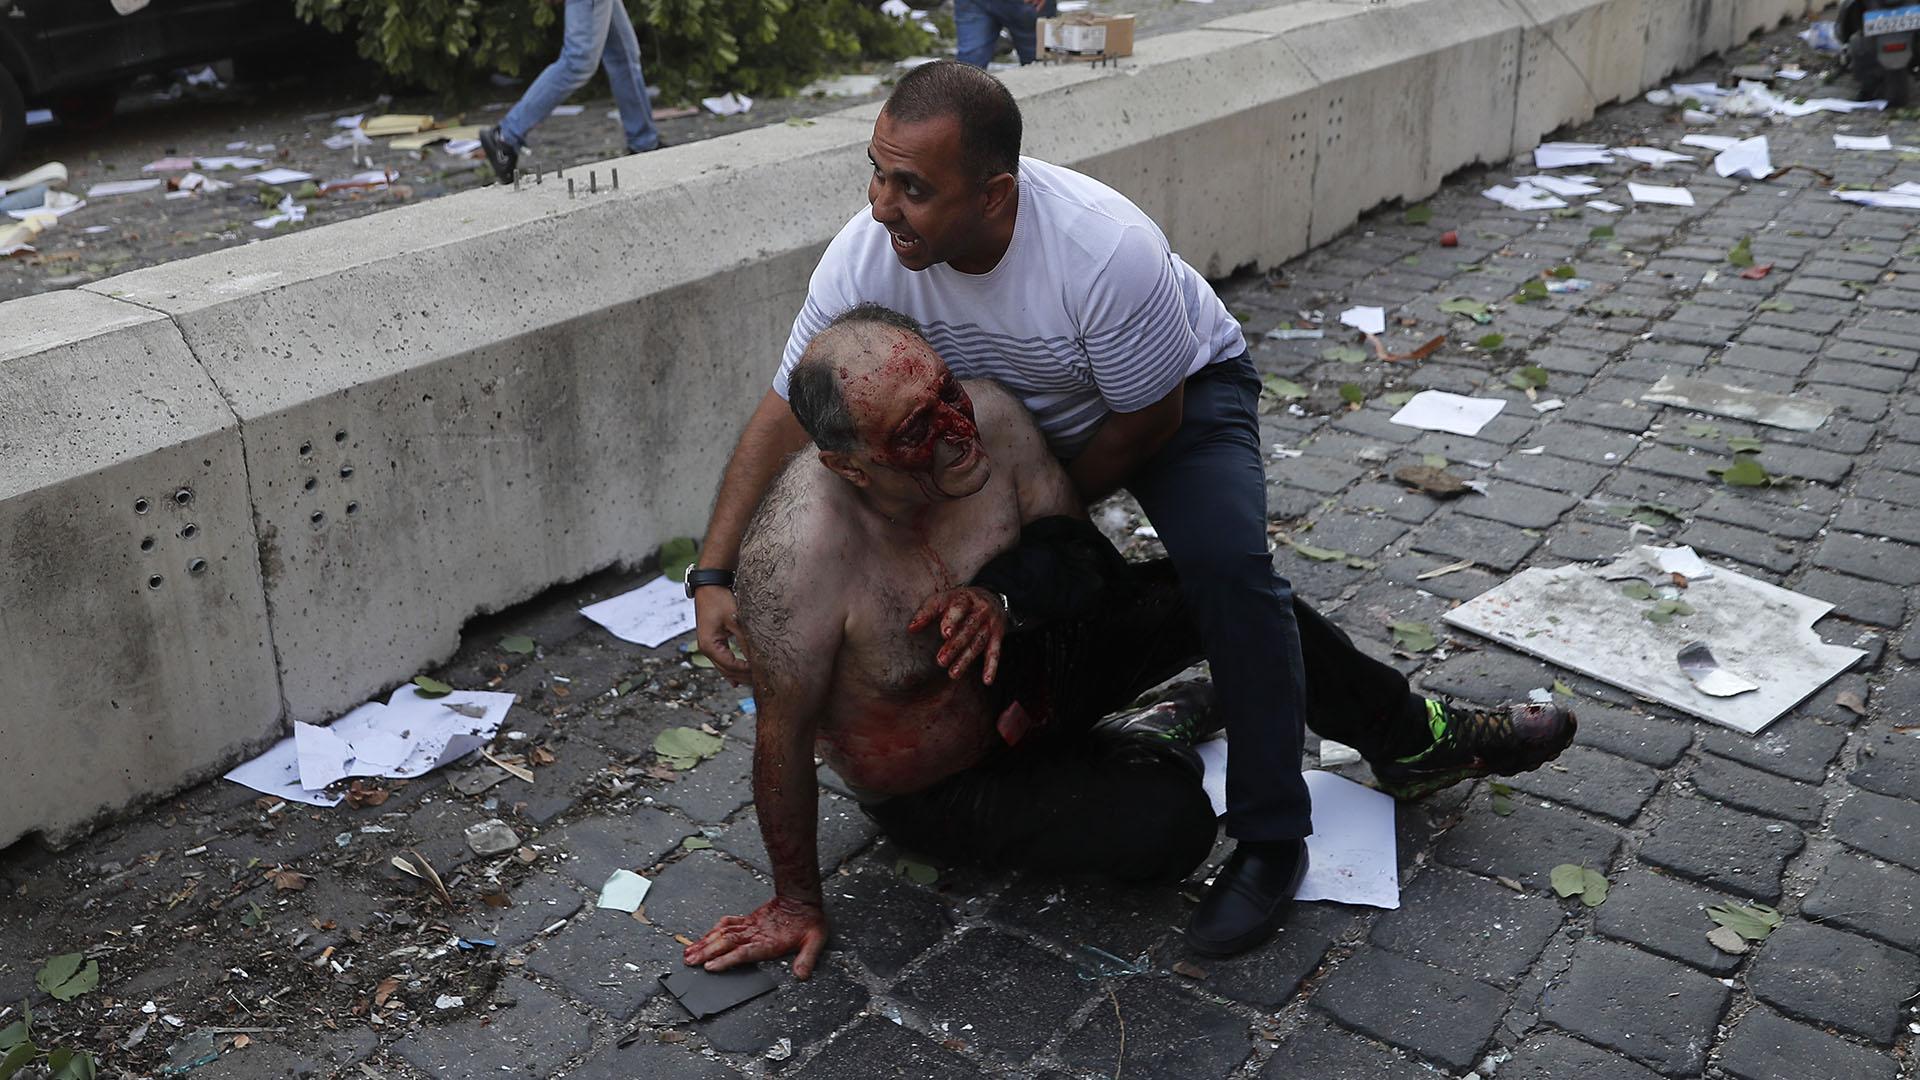 Reporteros en el lugar informan de personas ensangrentadas y otras atrapadas bajo los escombros (AP)